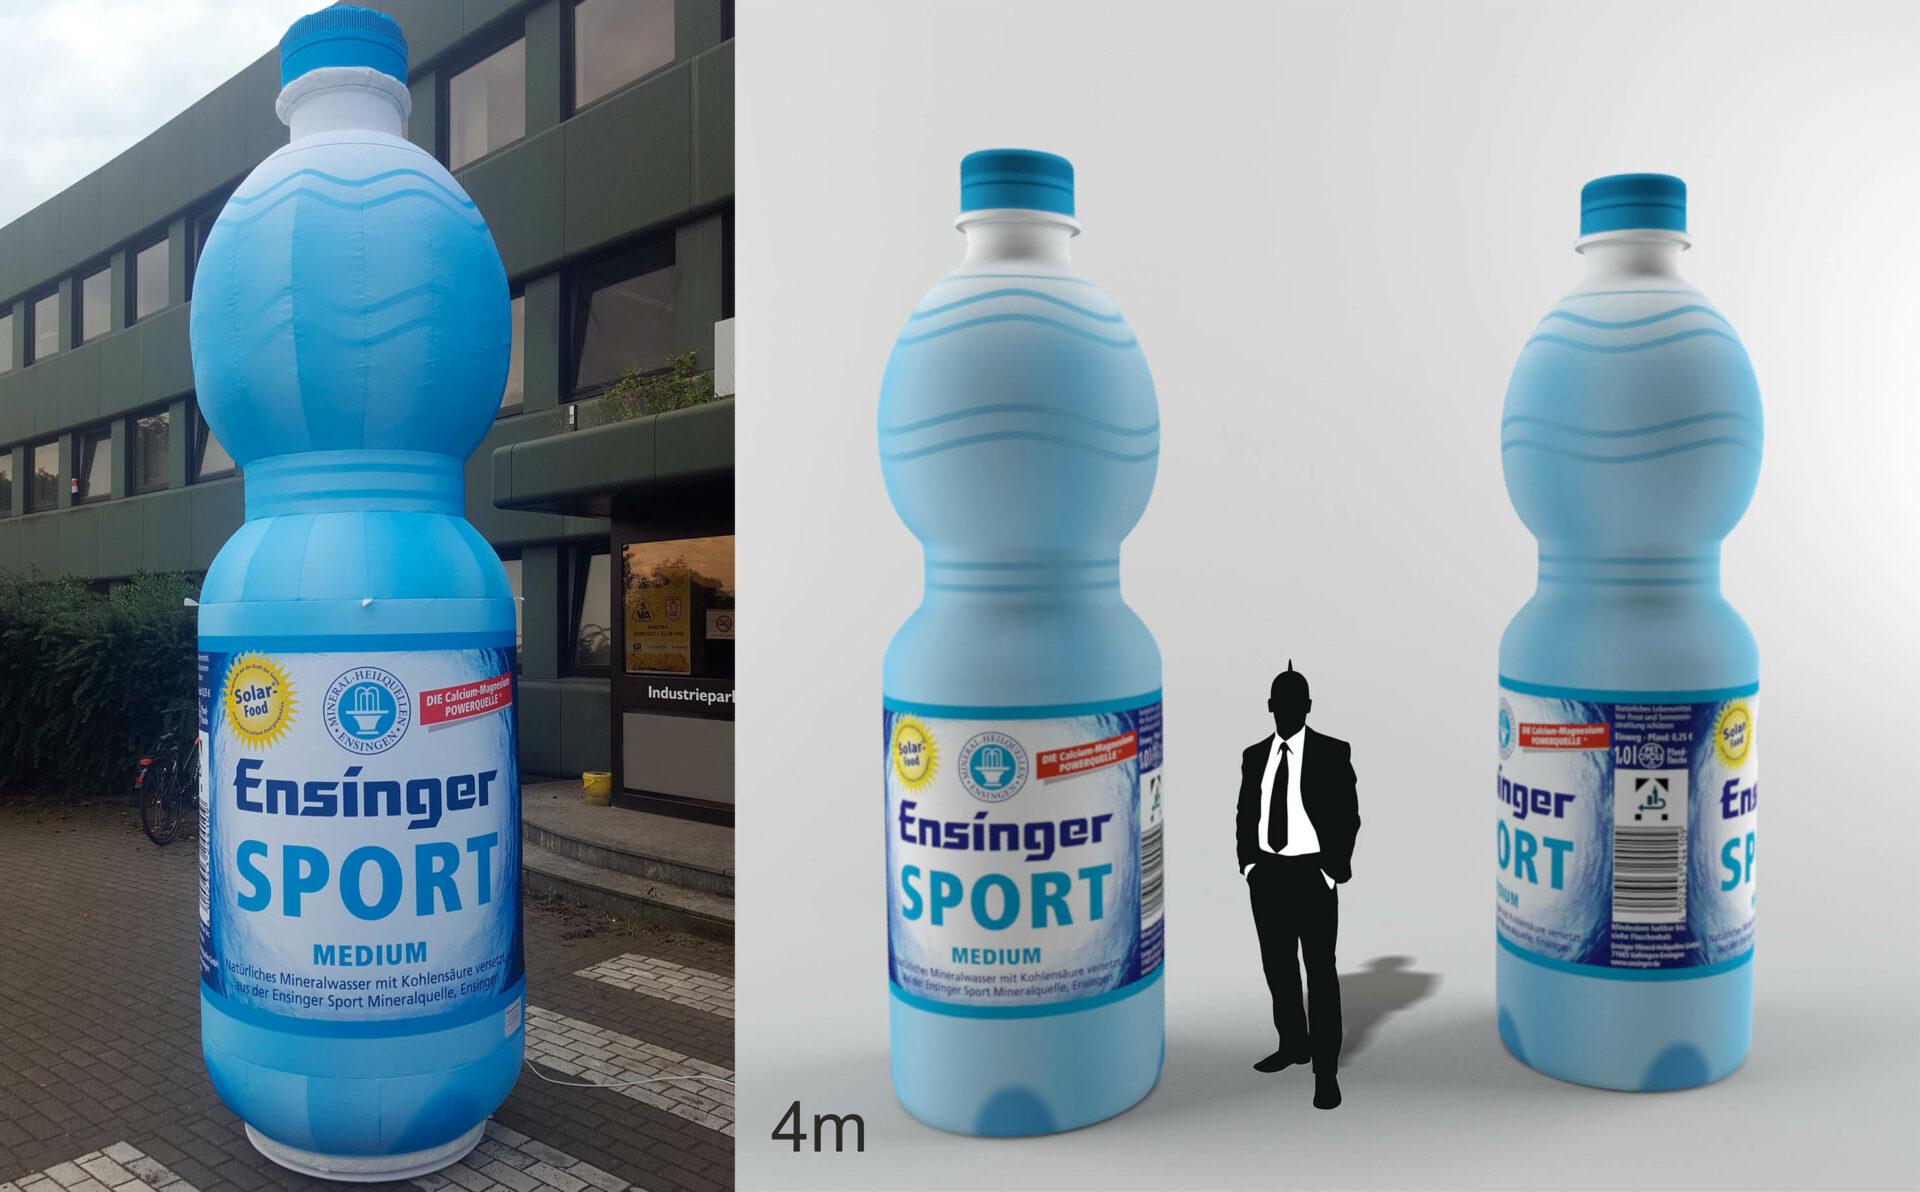 ensinger-sport-flasche-aufblasbar